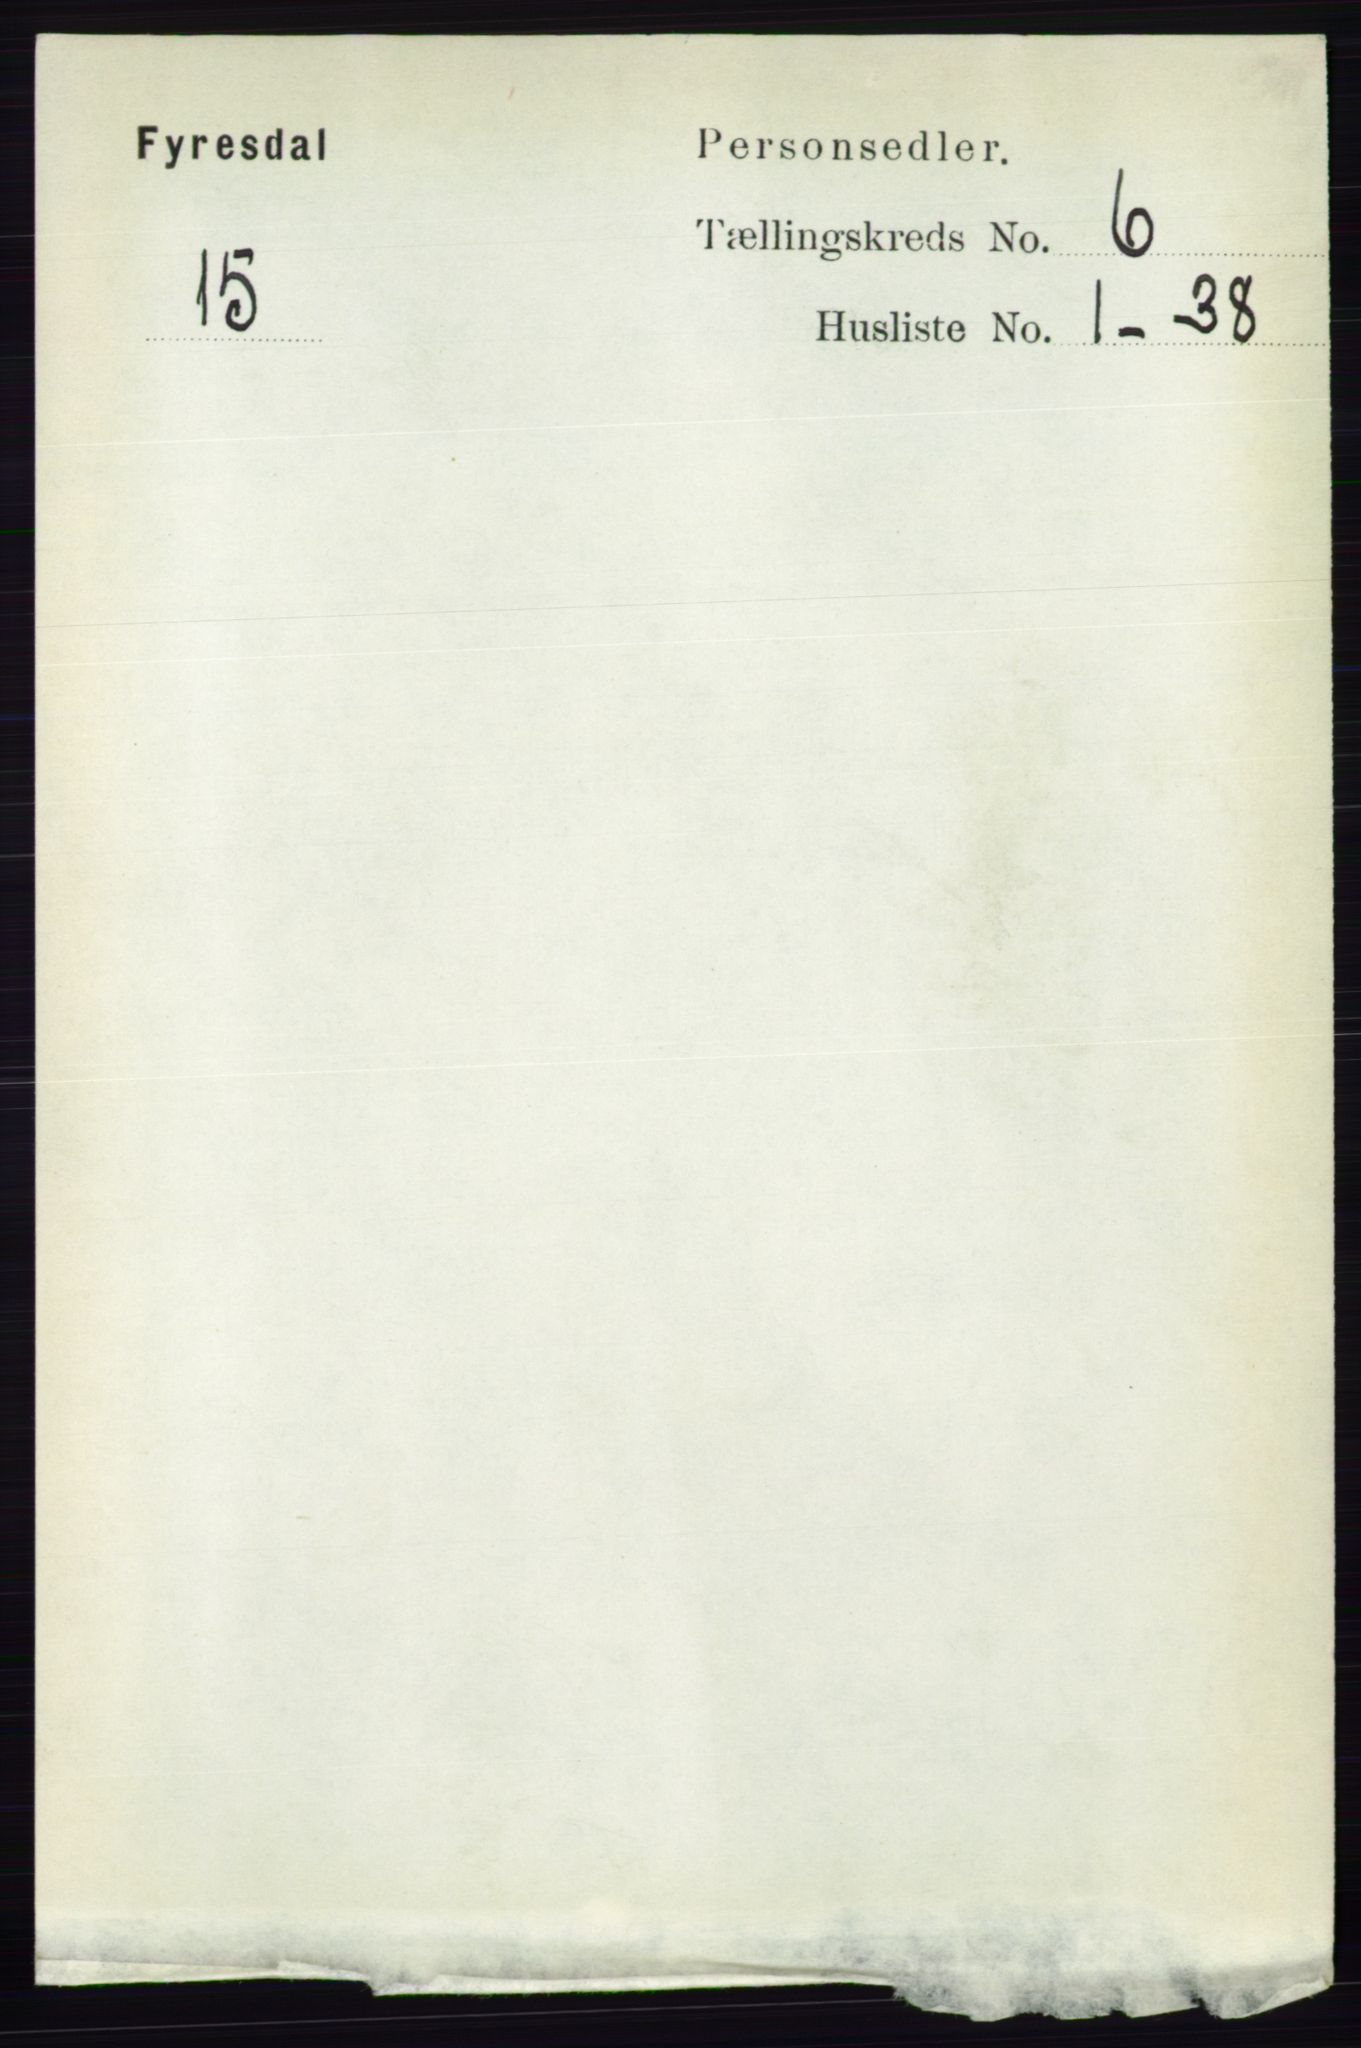 RA, Folketelling 1891 for 0831 Fyresdal herred, 1891, s. 1661